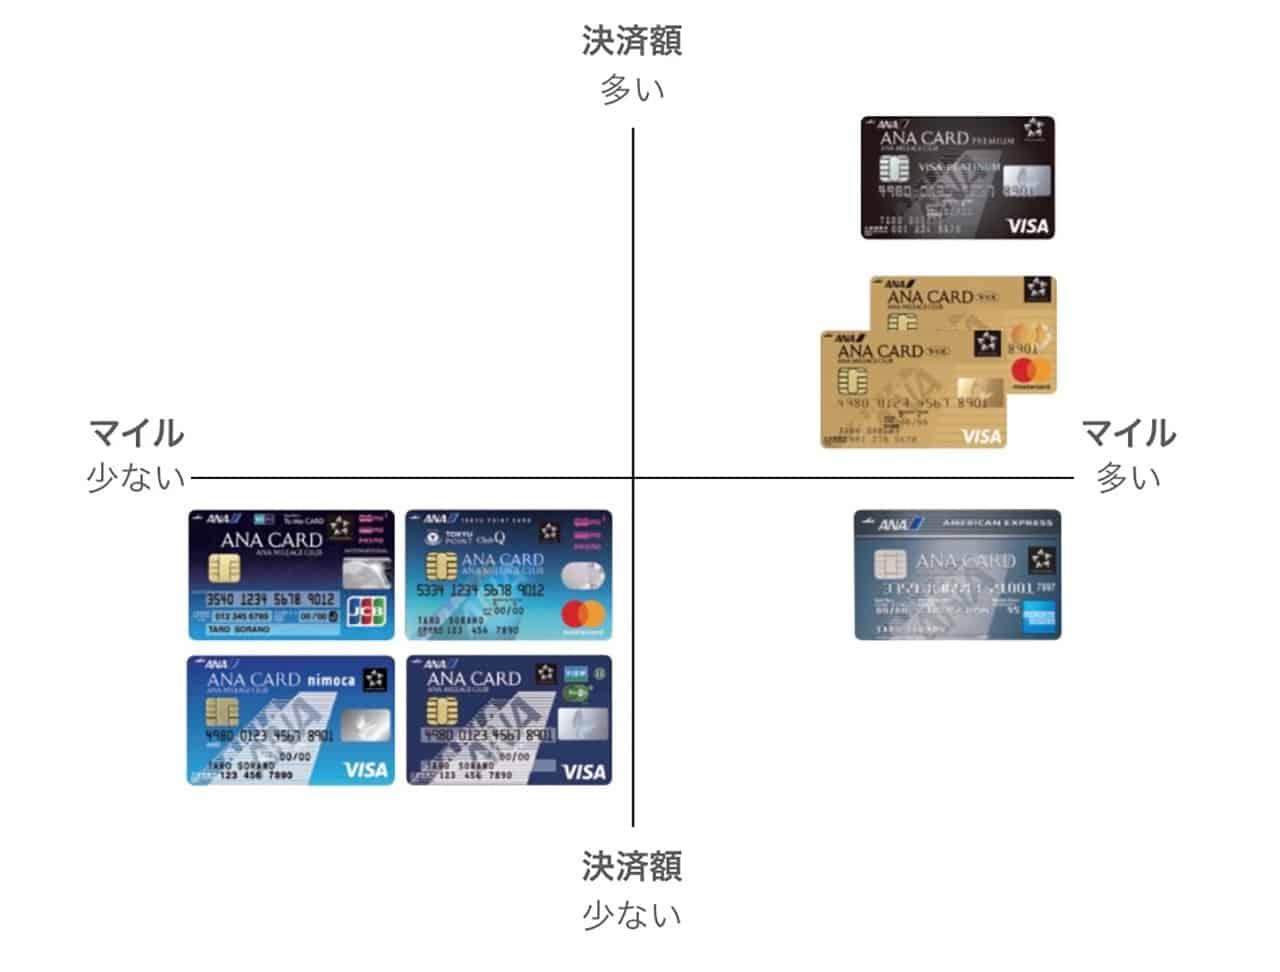 ANAクレジットカード選択マトリクス